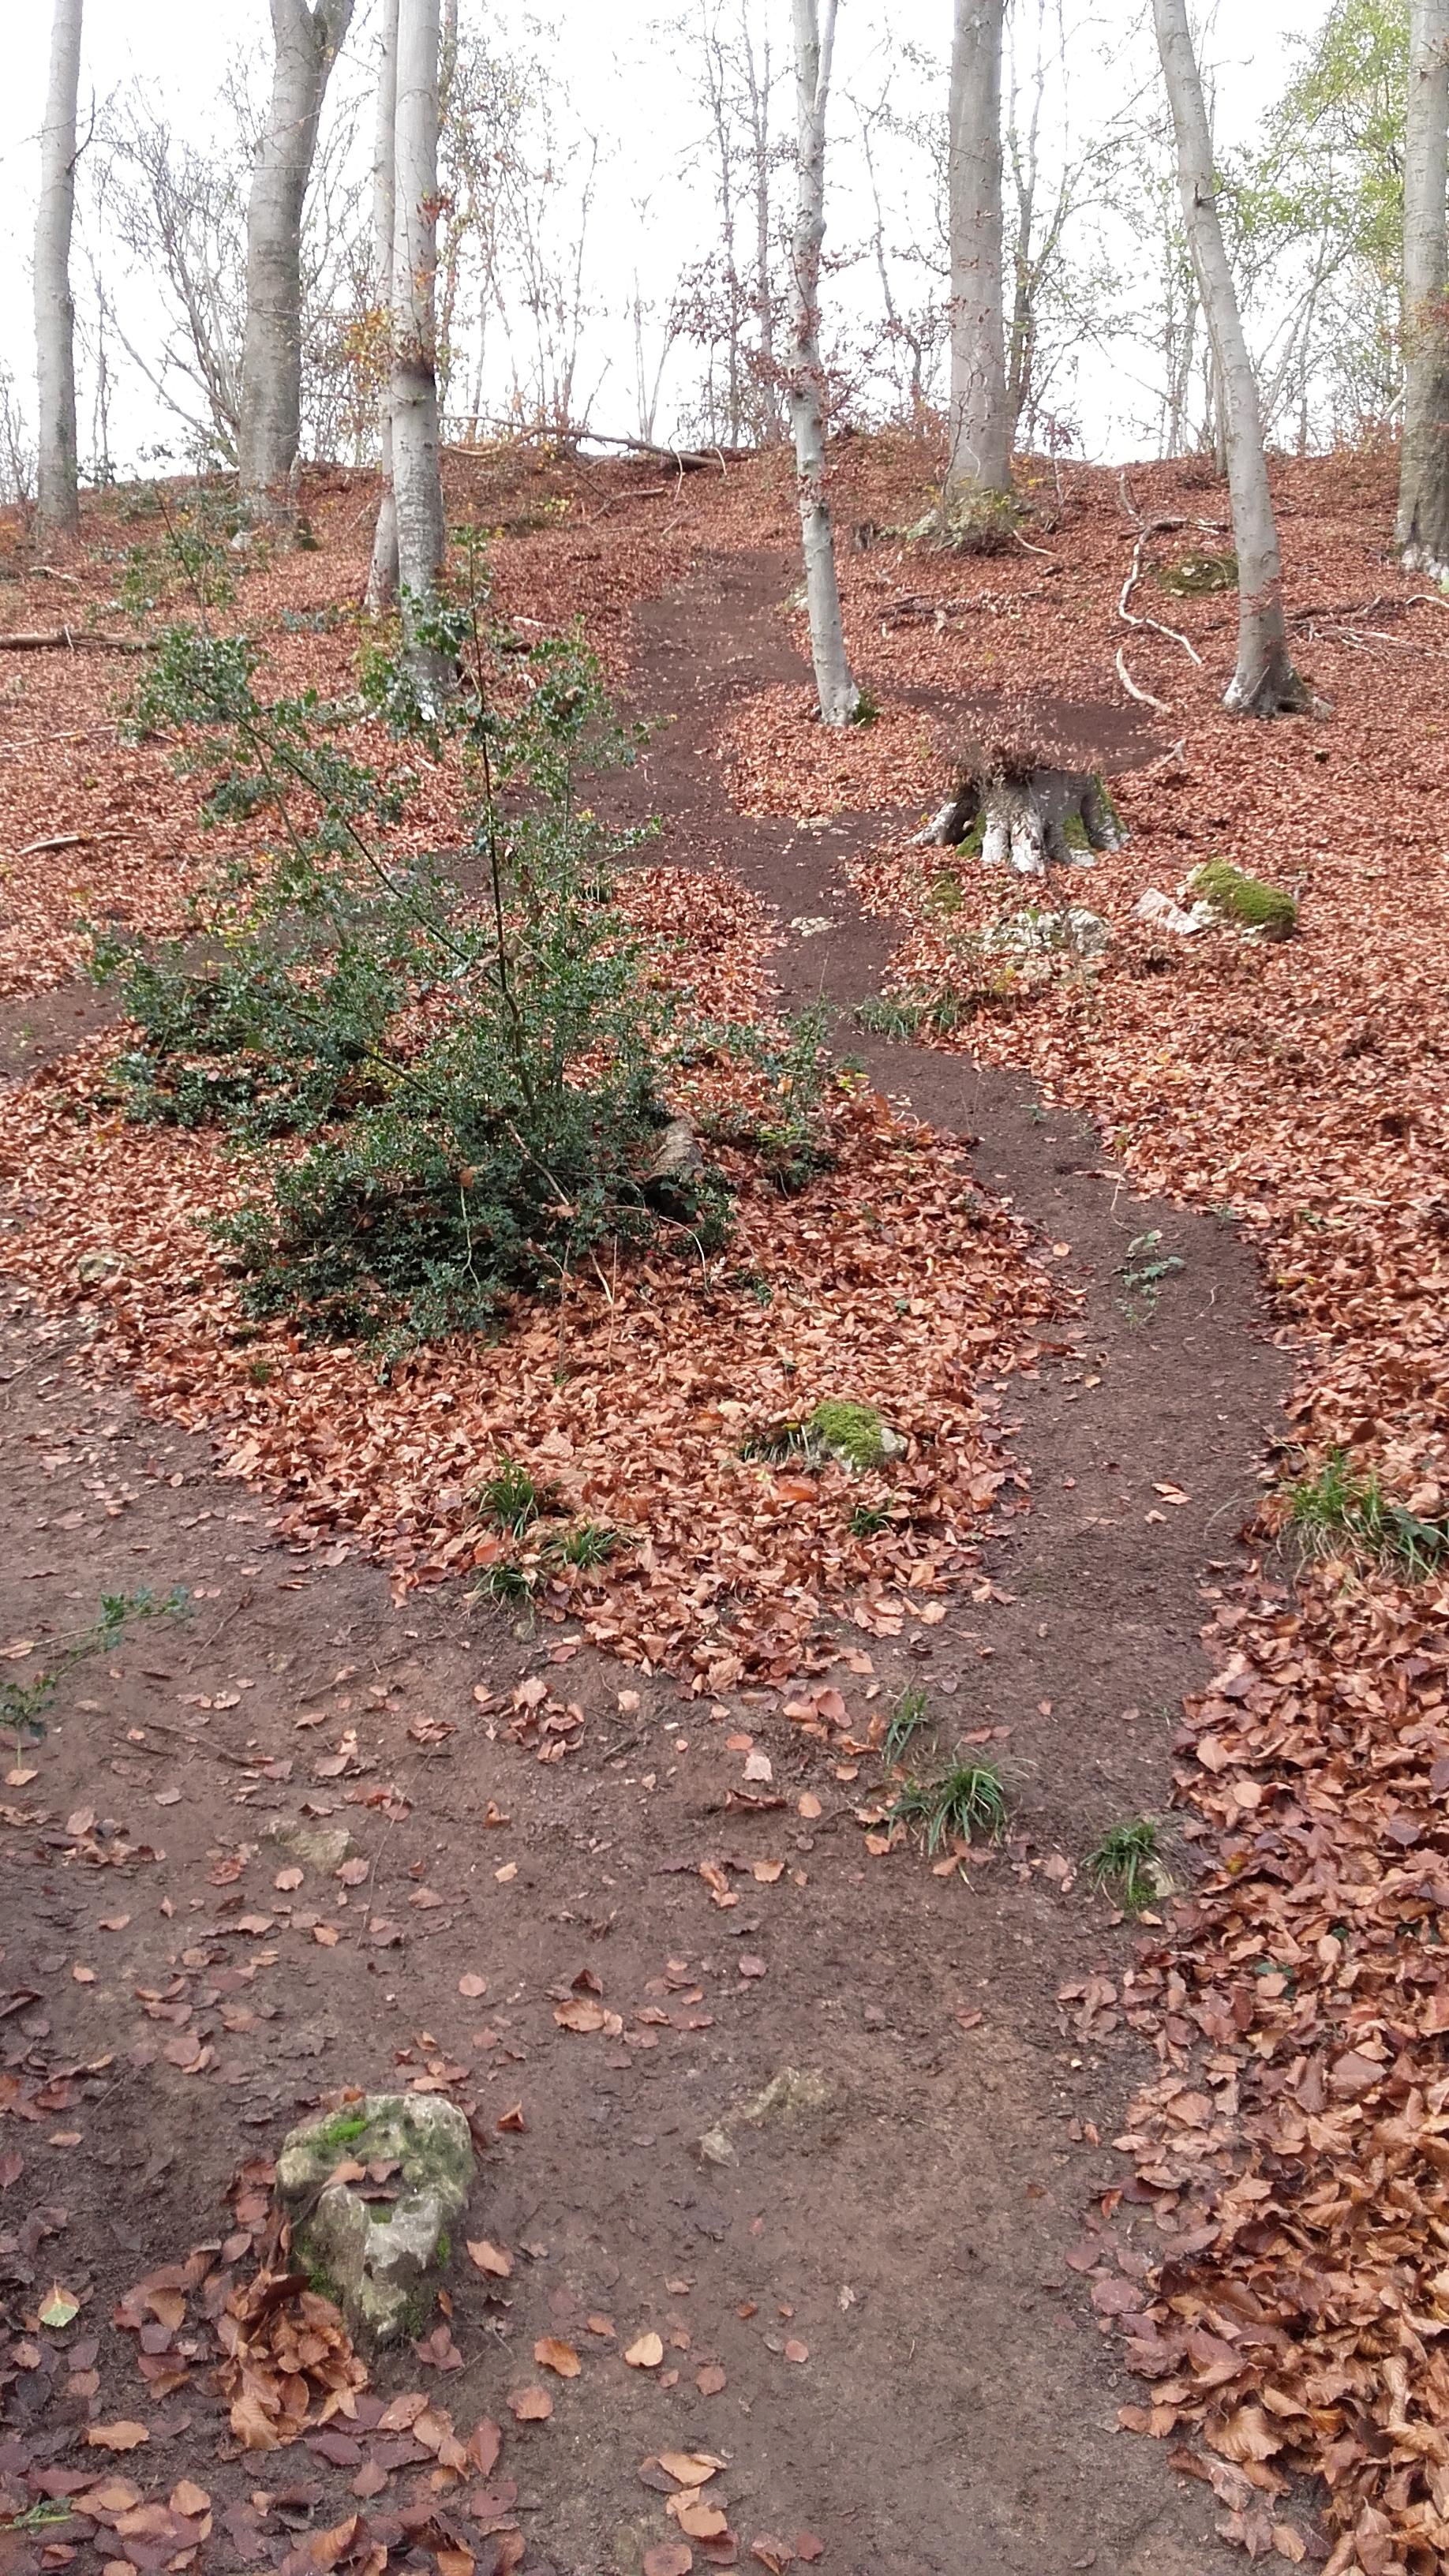 15-11-2015 - Forêt de Hez au départ de Bresles - Page 2 15111407301118301013749268